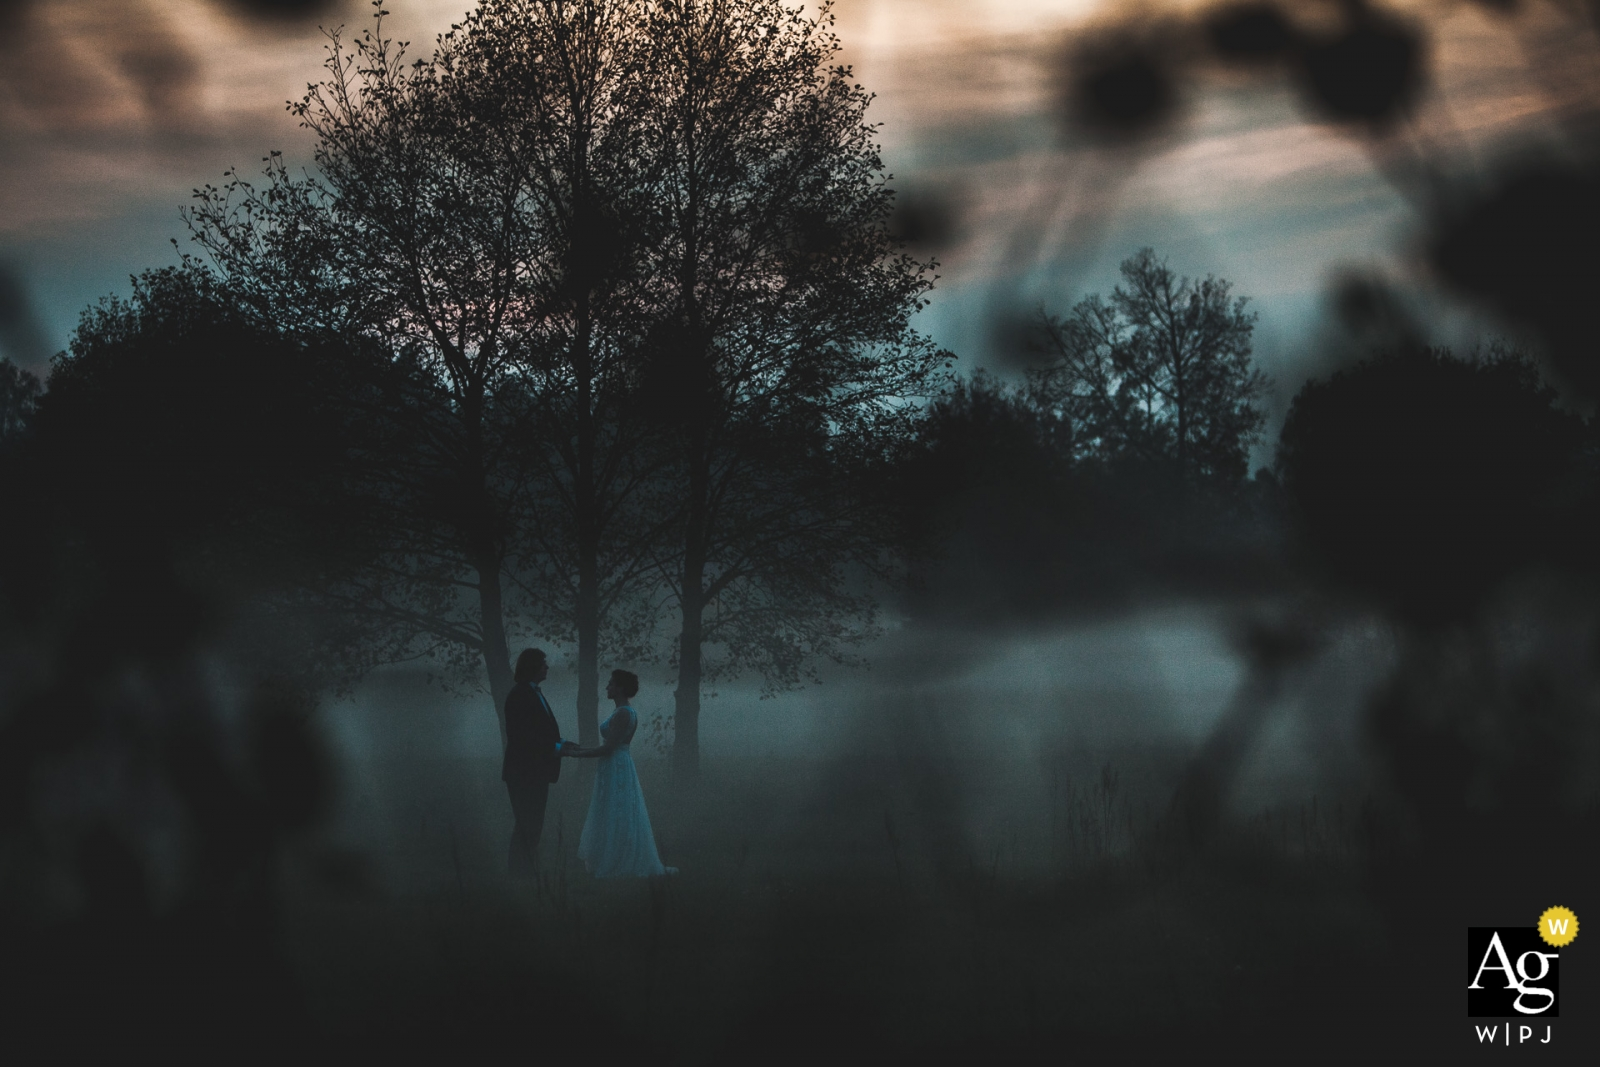 Photographie de mariage - Grotniki, Lodz - Portrait du couple au crépuscule.